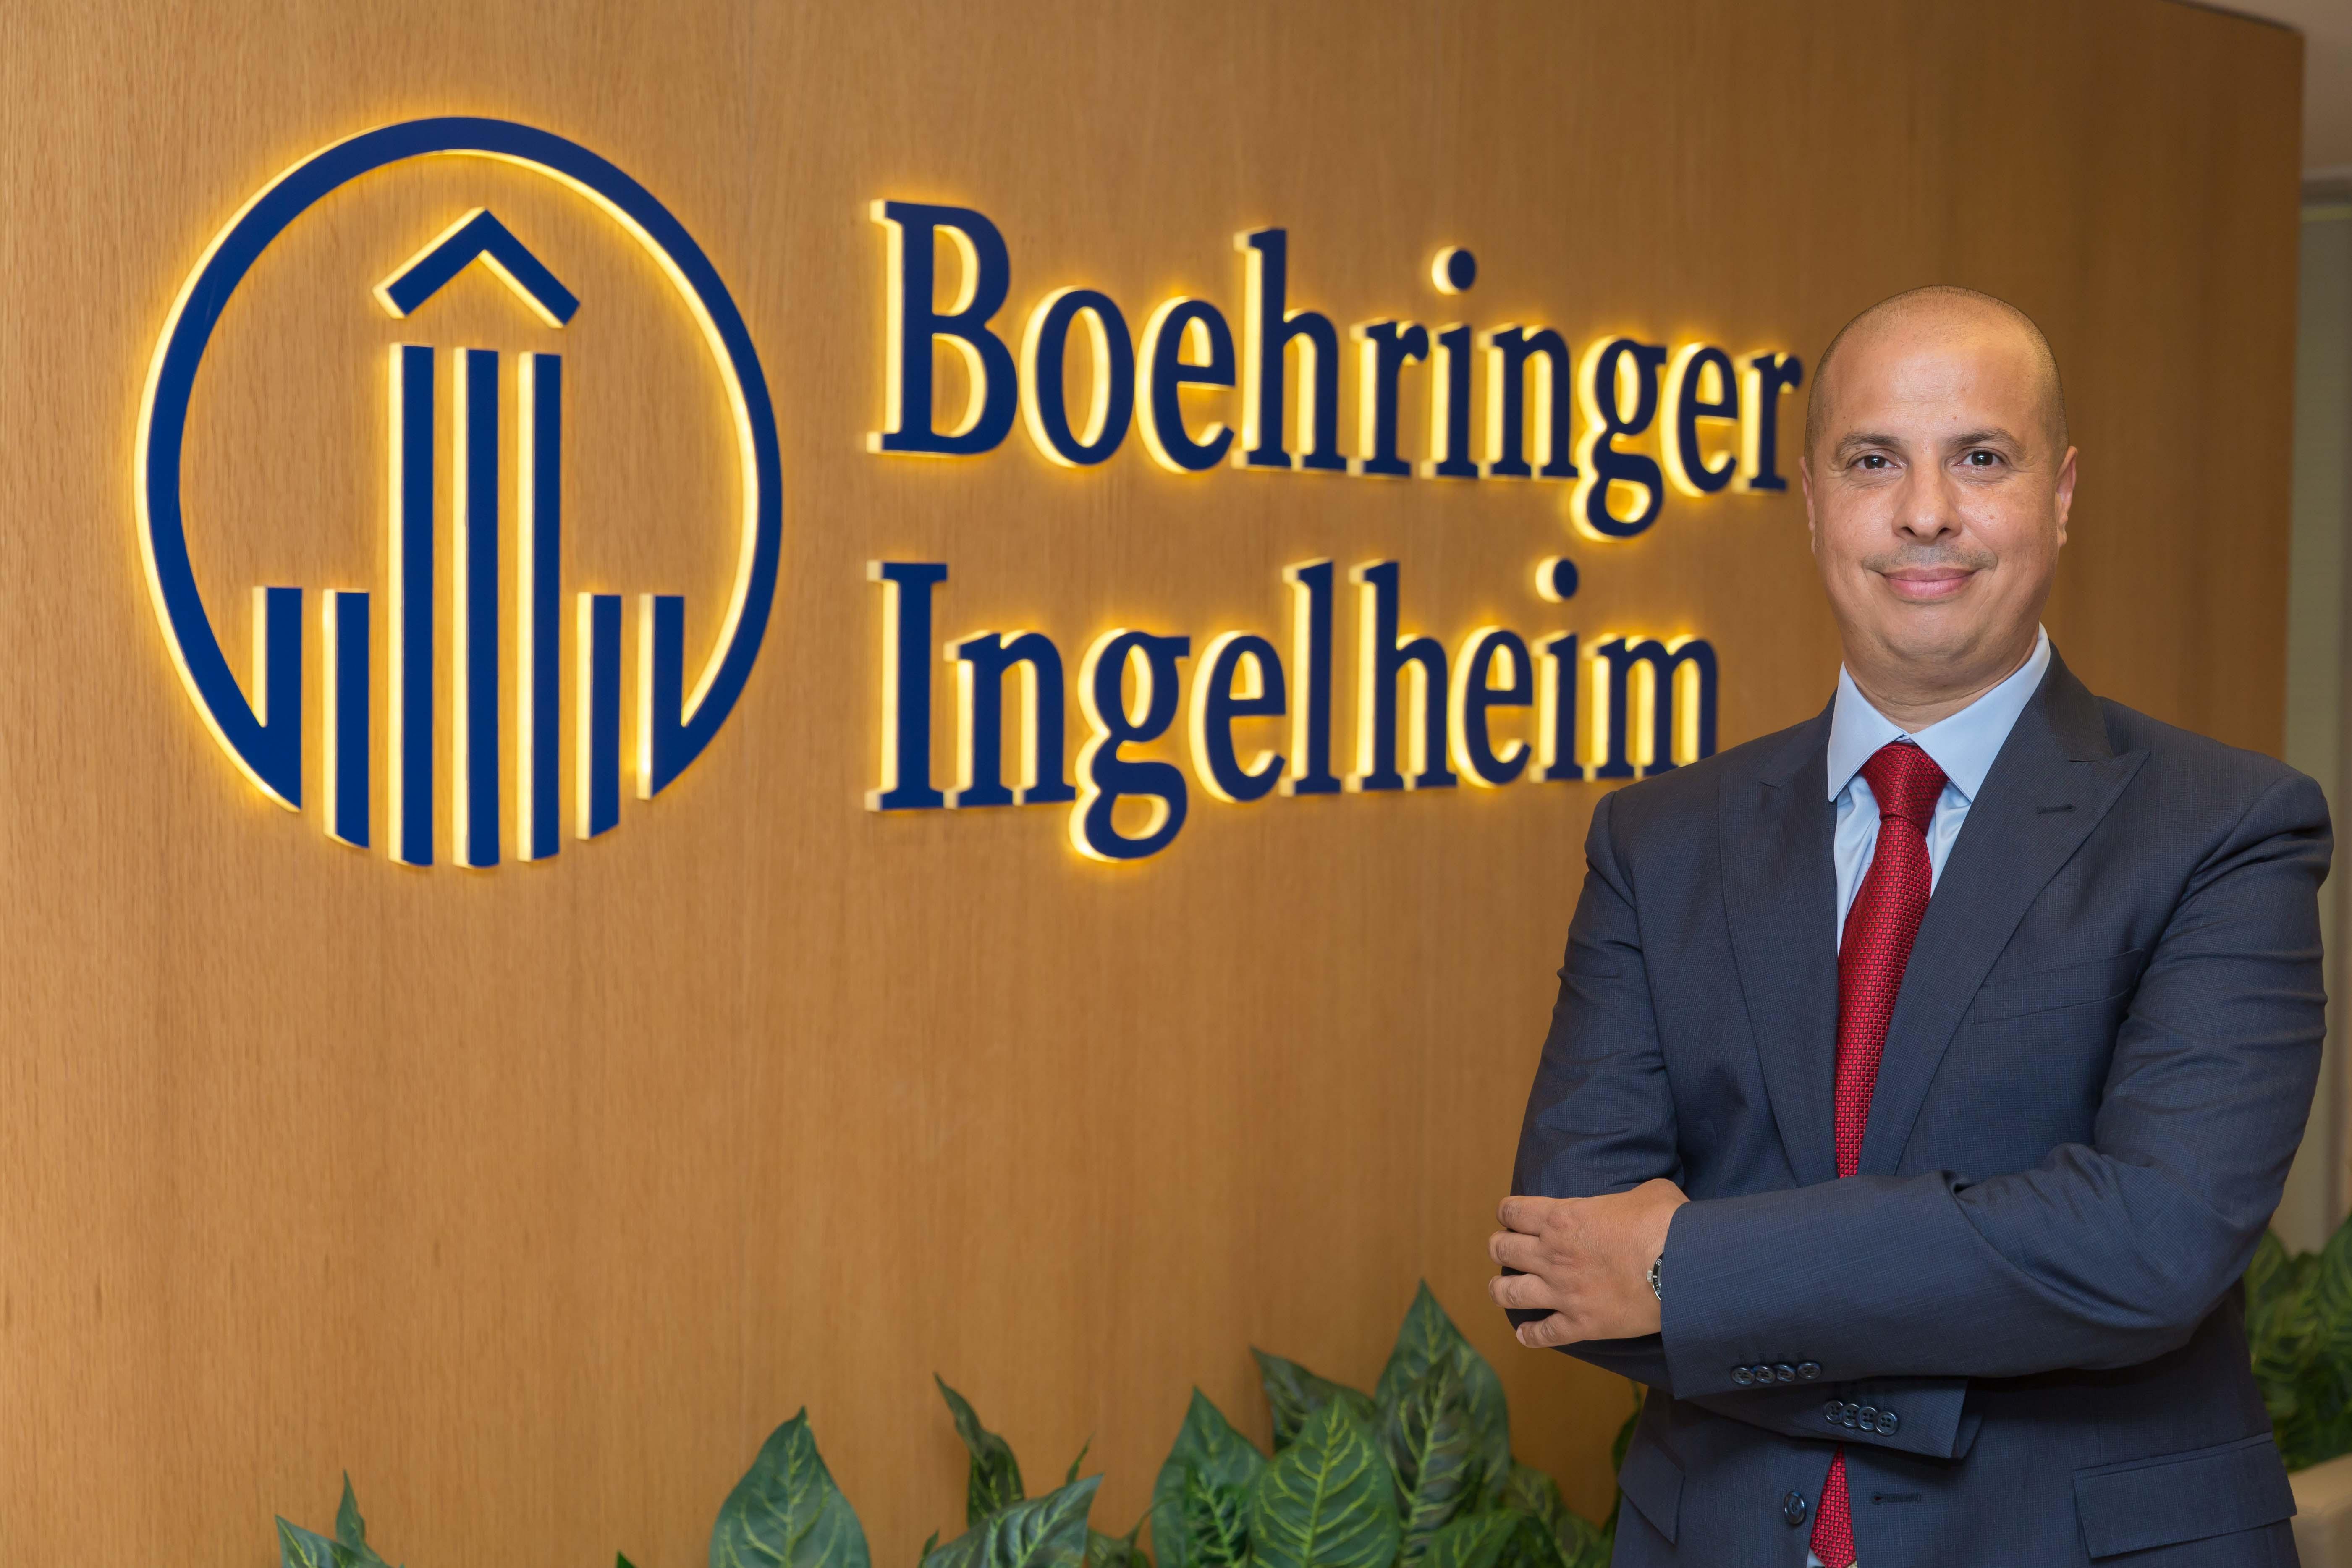 Dünyanın en büyük 20 ilaç şirketinden biri olan Boehringer Ingelheim, Sahraaltı Afrika Bölgesindeki çalışma modelini yeniledi